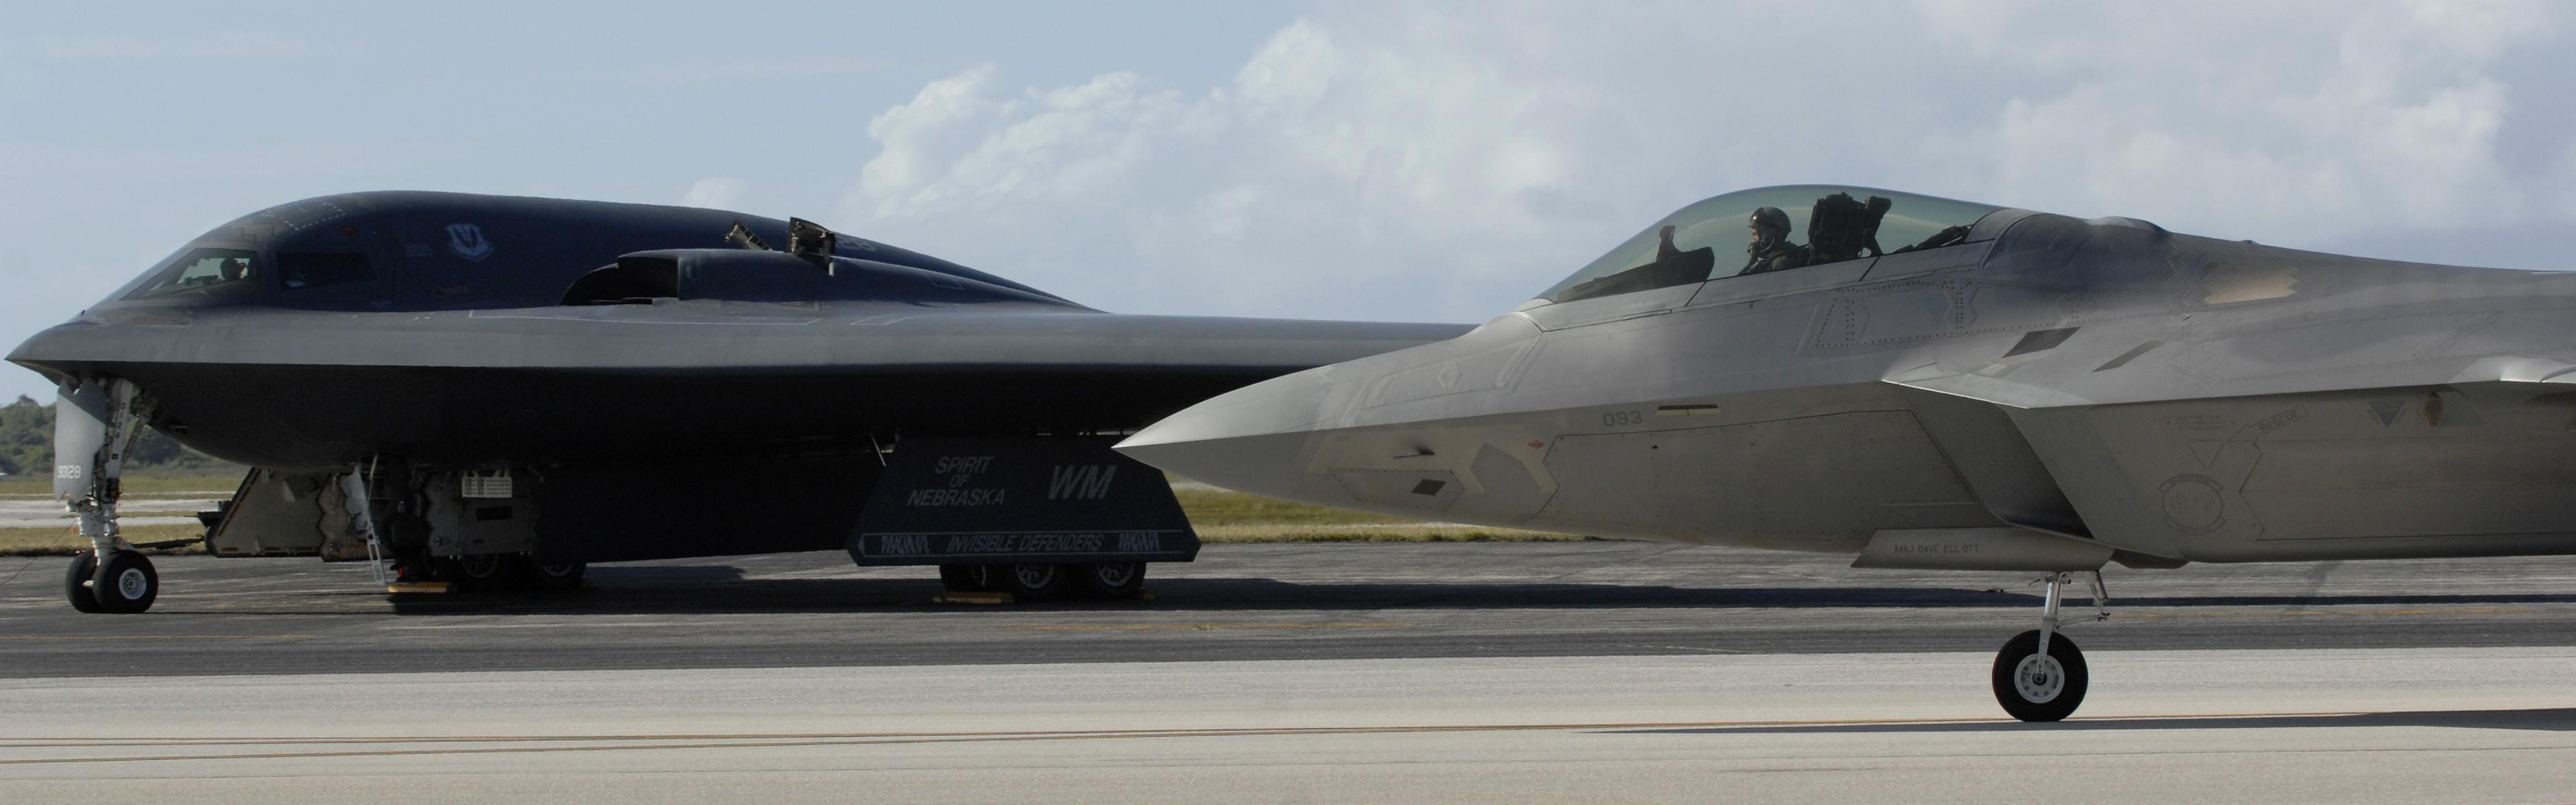 Wallpaper Vehicle Airplane Dual Monitors Military Aircraft